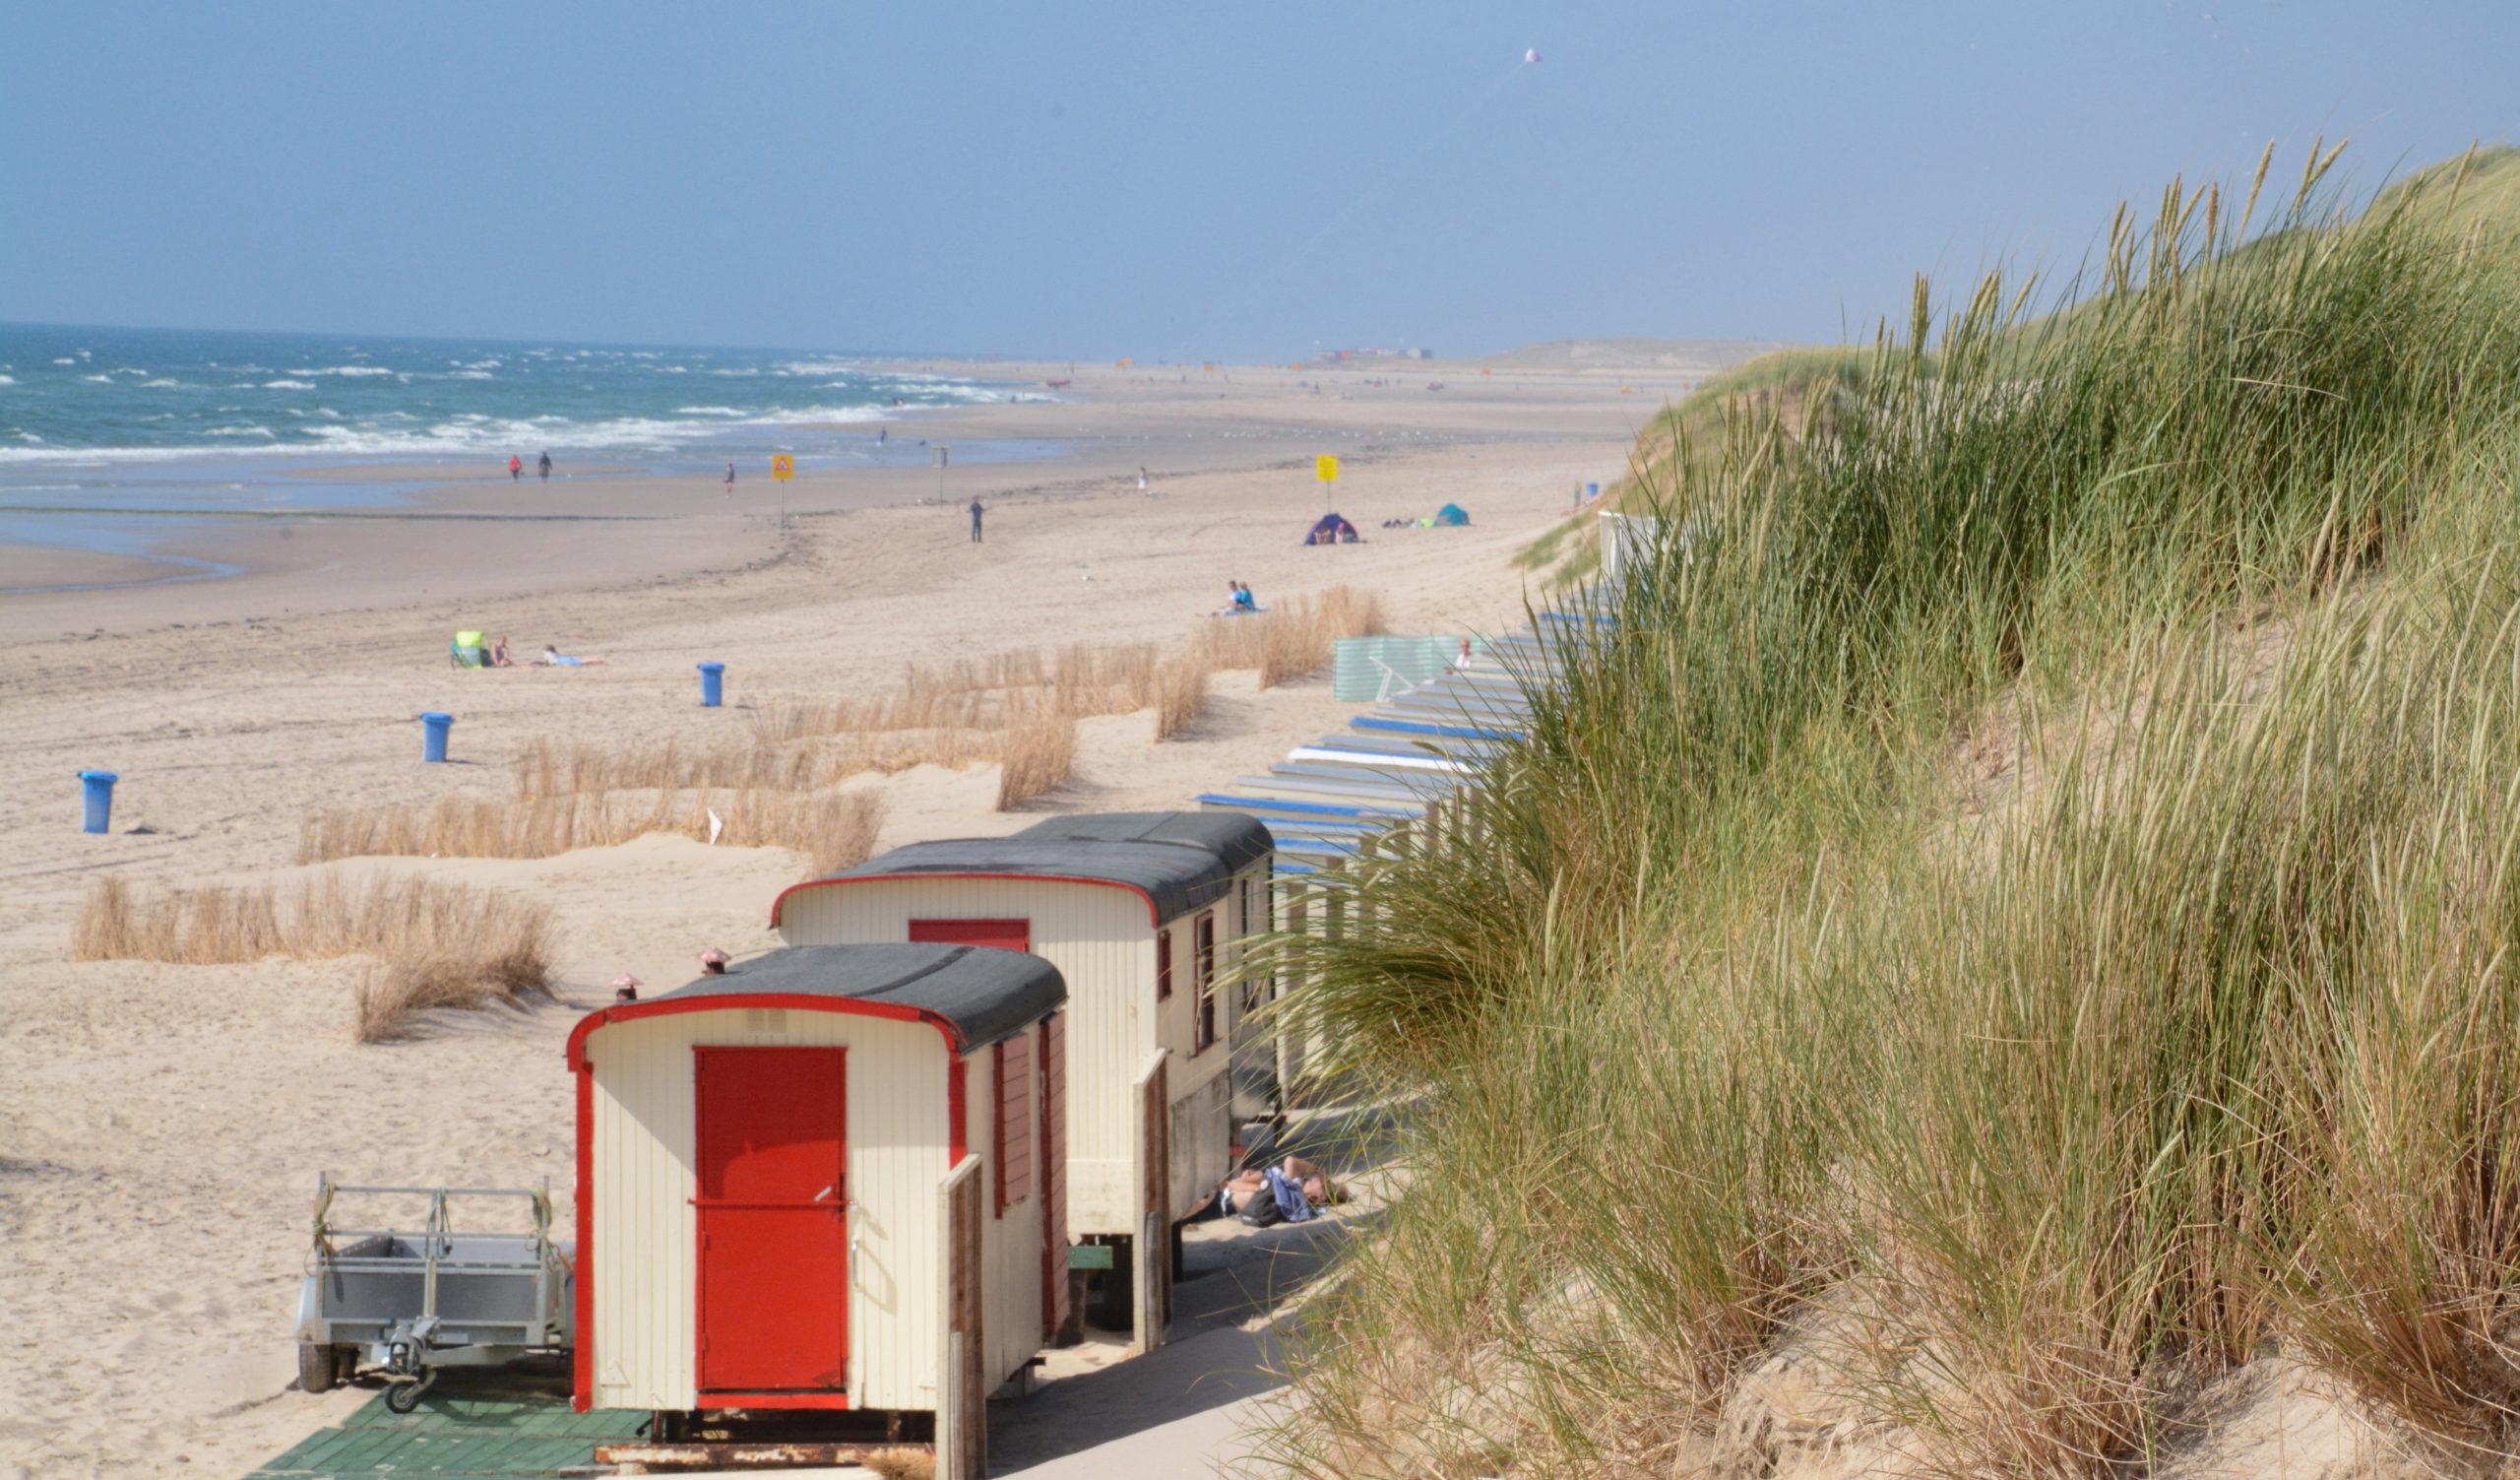 Dünen, Strand, Meer nd Häuschen am Strand von Bergen aan Zee in Noordholland